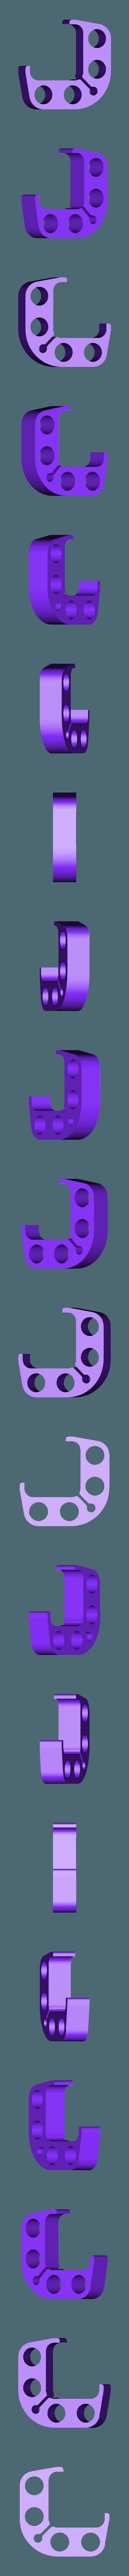 Nozzle_Rack_v1-0.STL Télécharger fichier STL gratuit Support de buse (RigidBot) • Plan imprimable en 3D, WalterHsiao